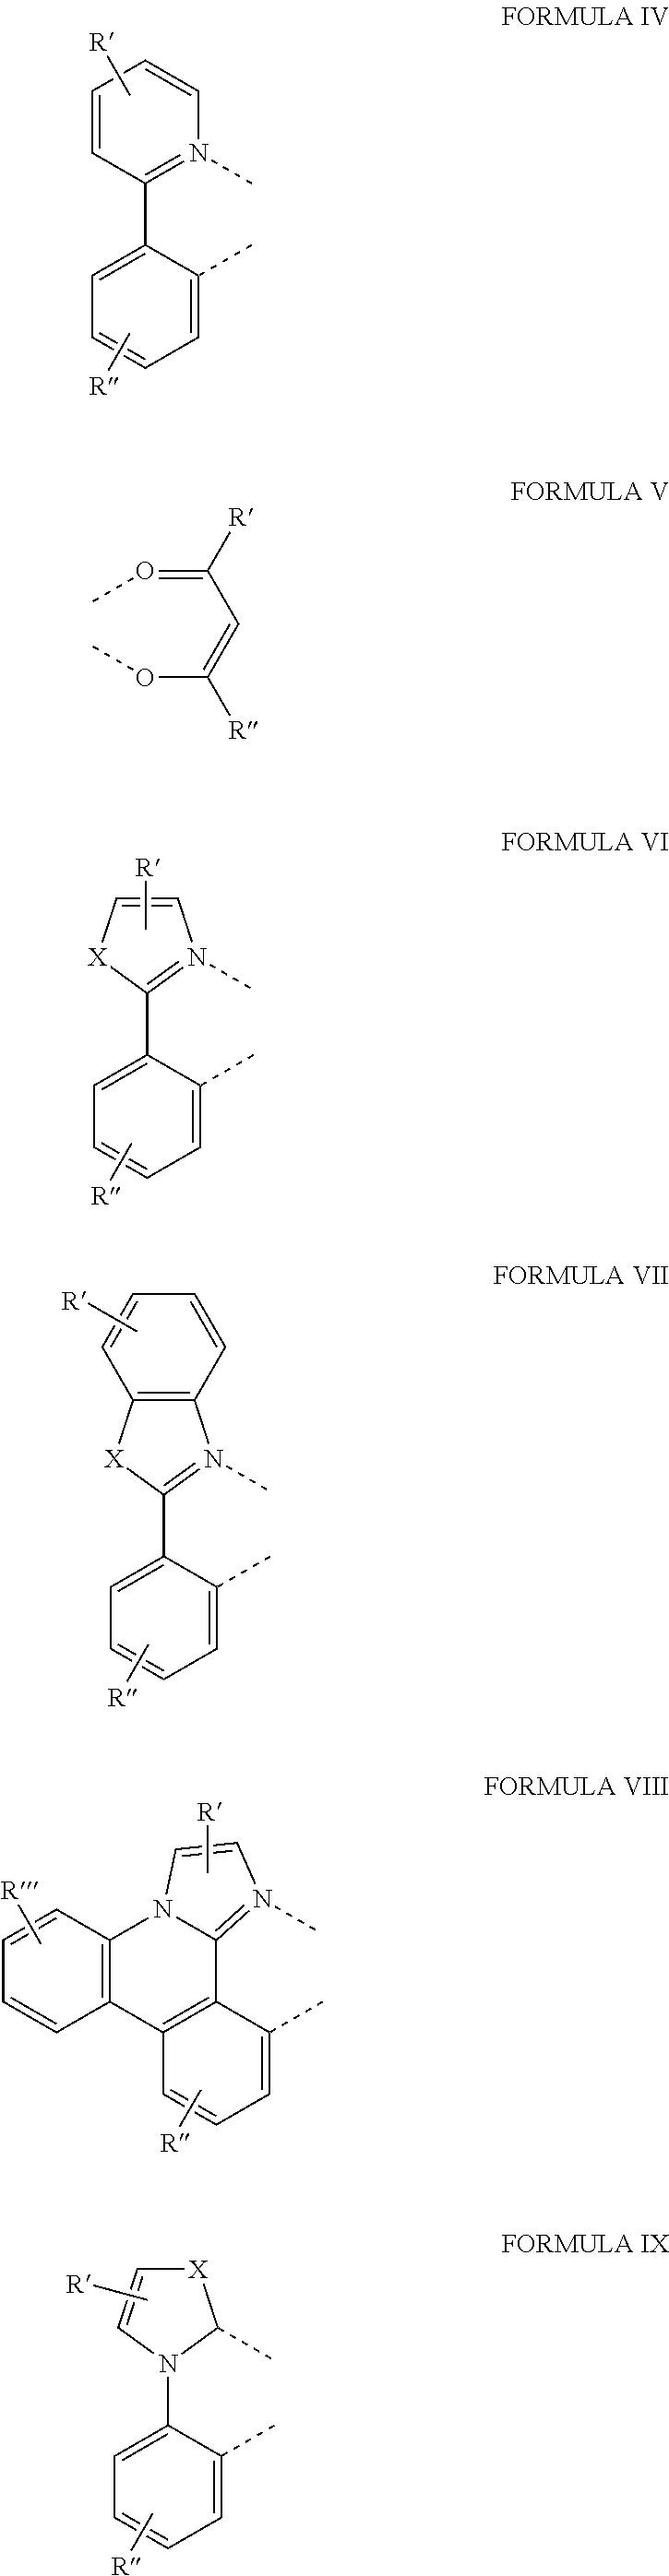 Figure US09735377-20170815-C00010